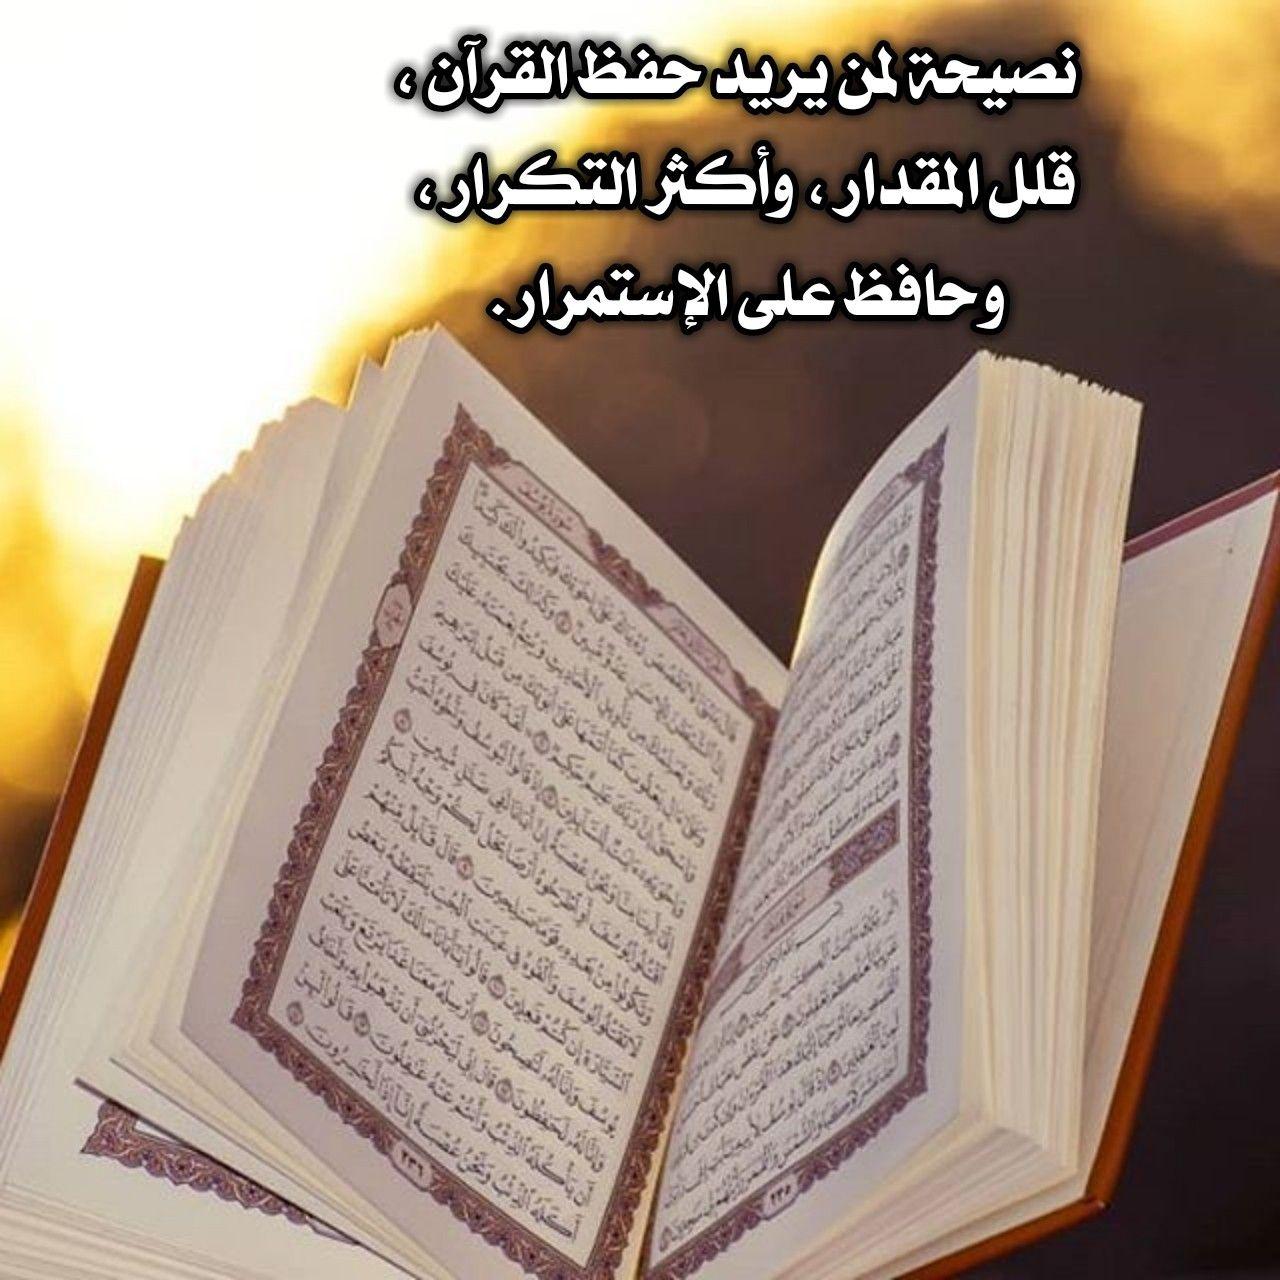 نصيحة لمن يريد حفظ القرآن قلل المقدار وأكثر التكرار وحافظ على الإستمرار Words Quotes Islamic Quotes Words